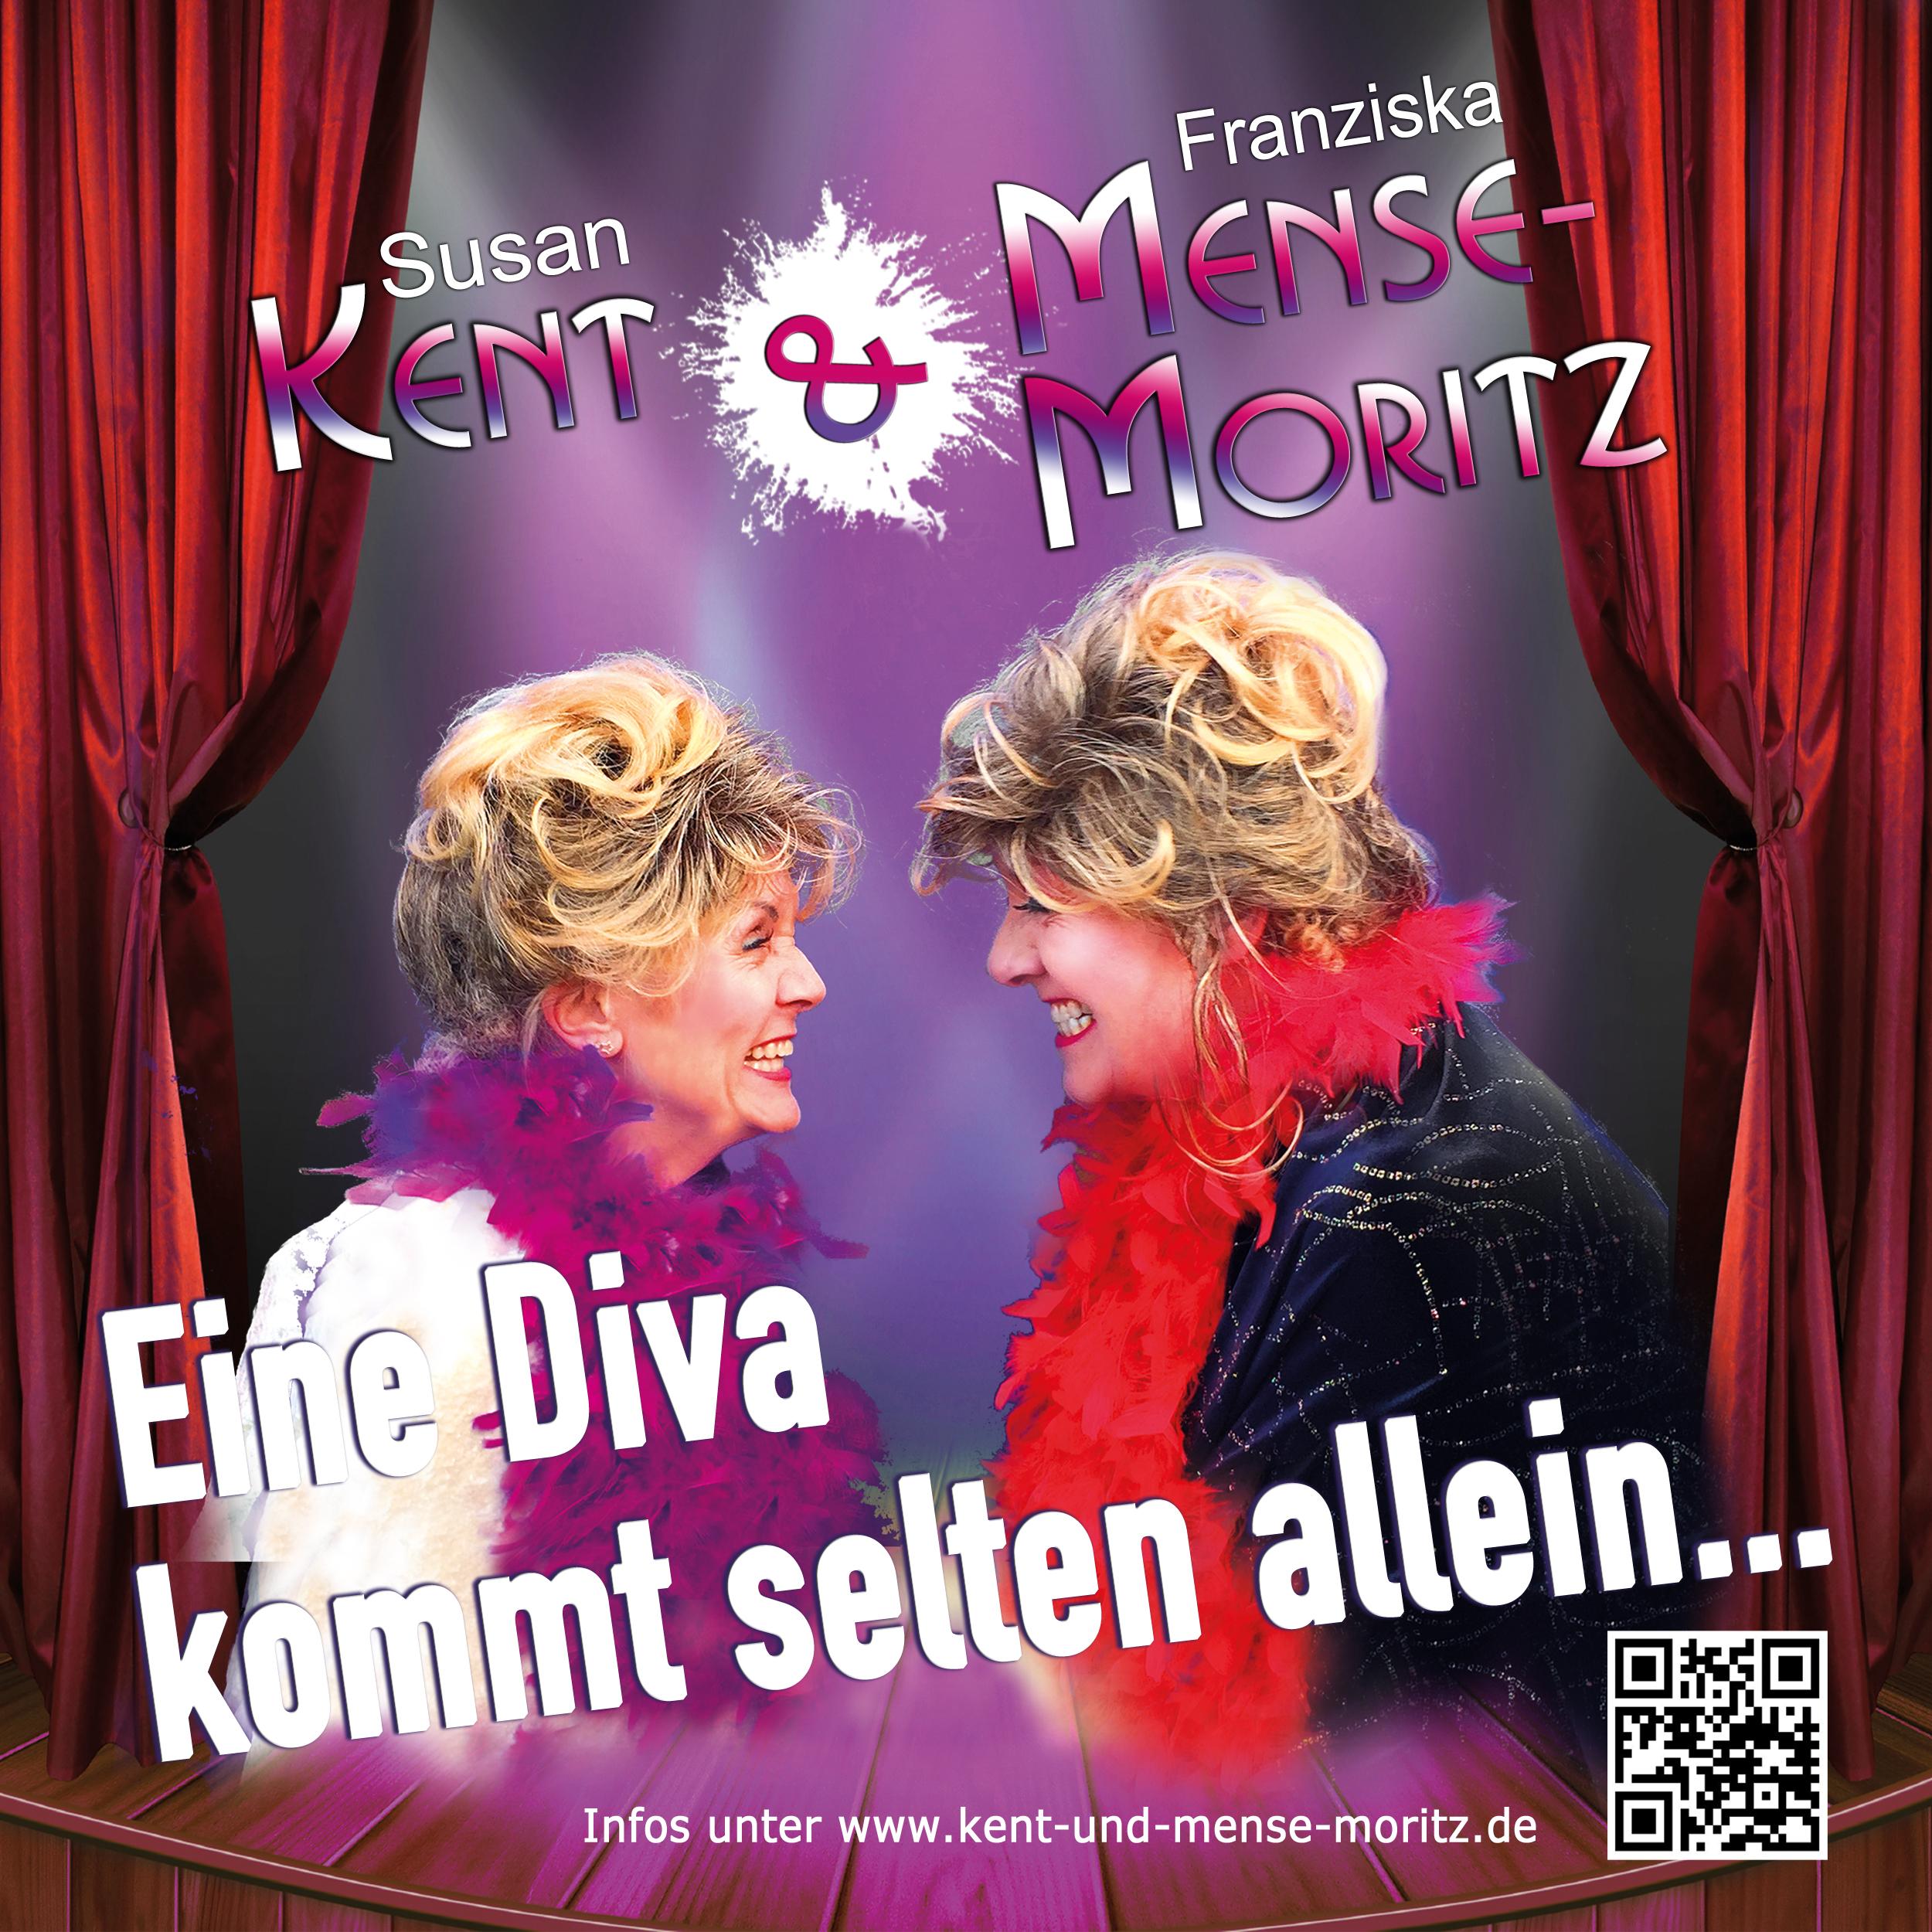 K&MM Werbefoto für Flyer